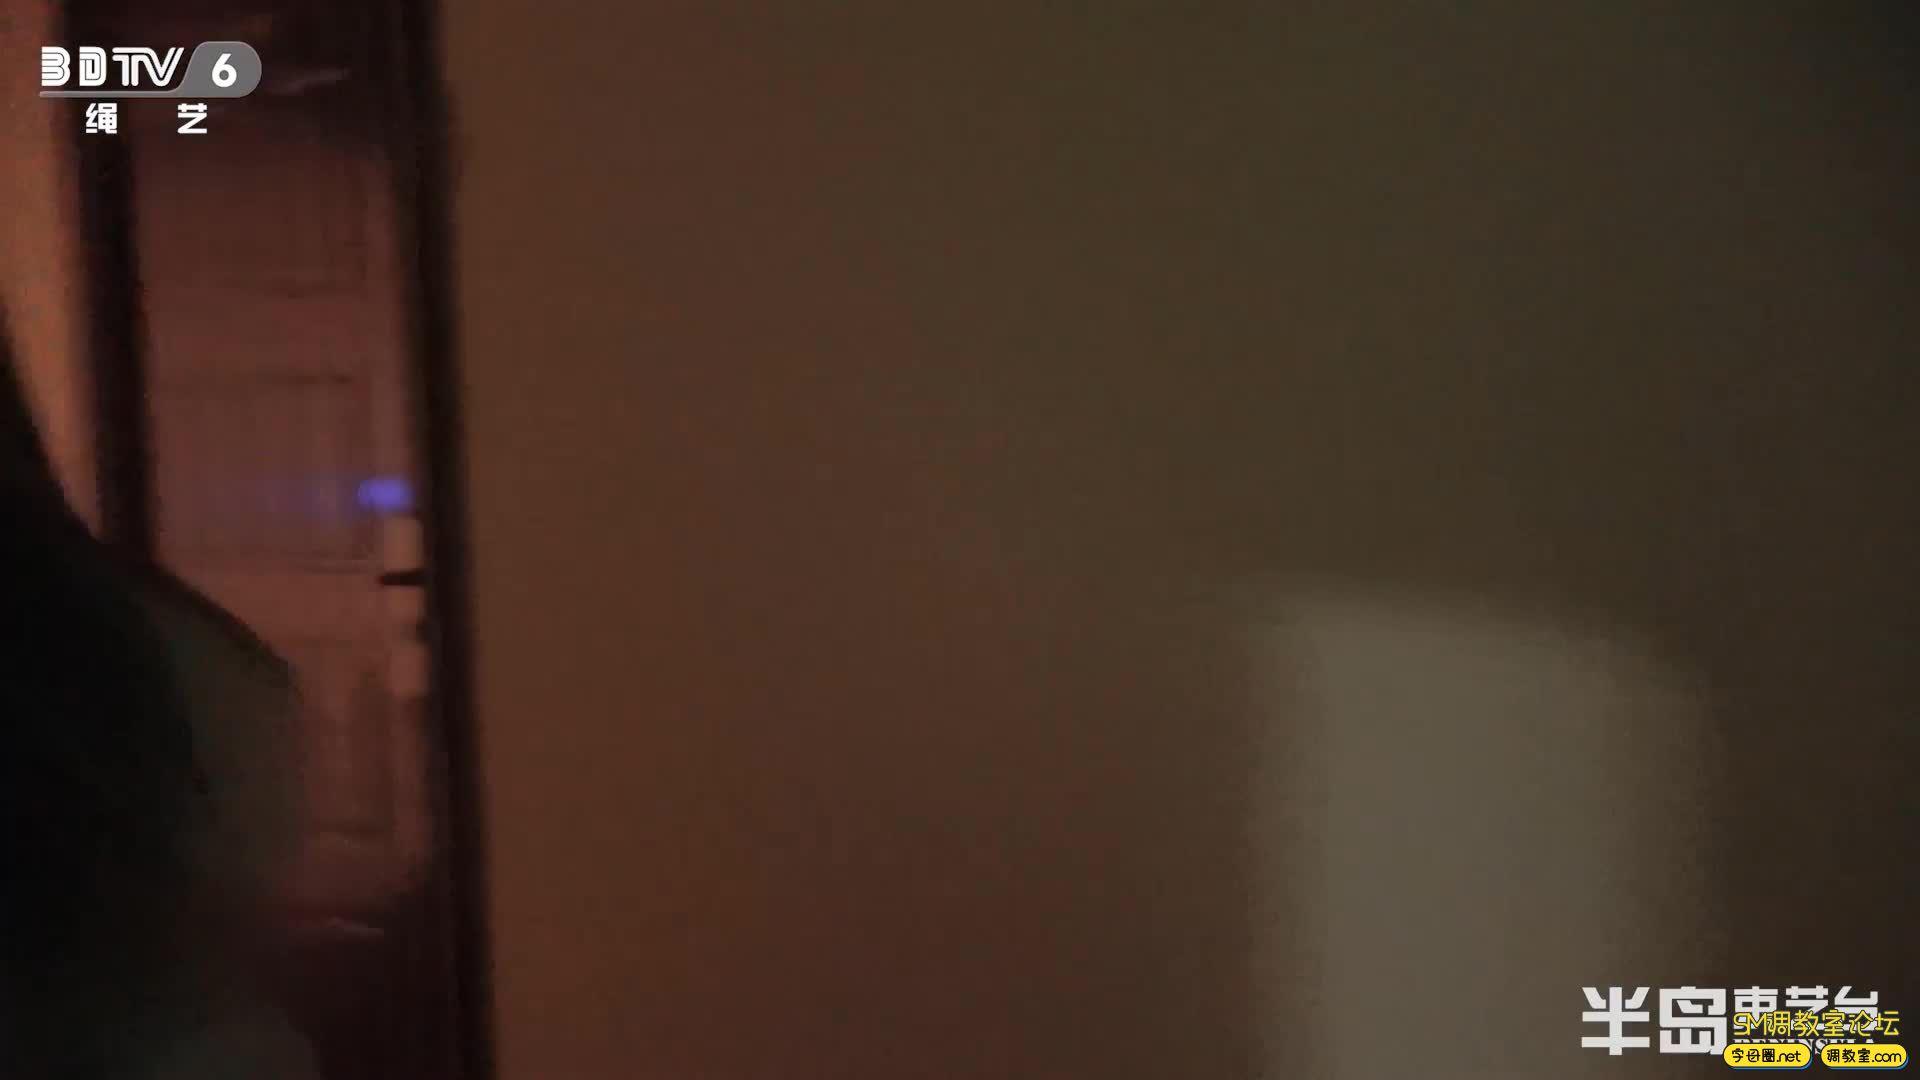 半岛束艺台_葡萄被坑进电梯独自下楼,一路狂跳回家-视频截图5